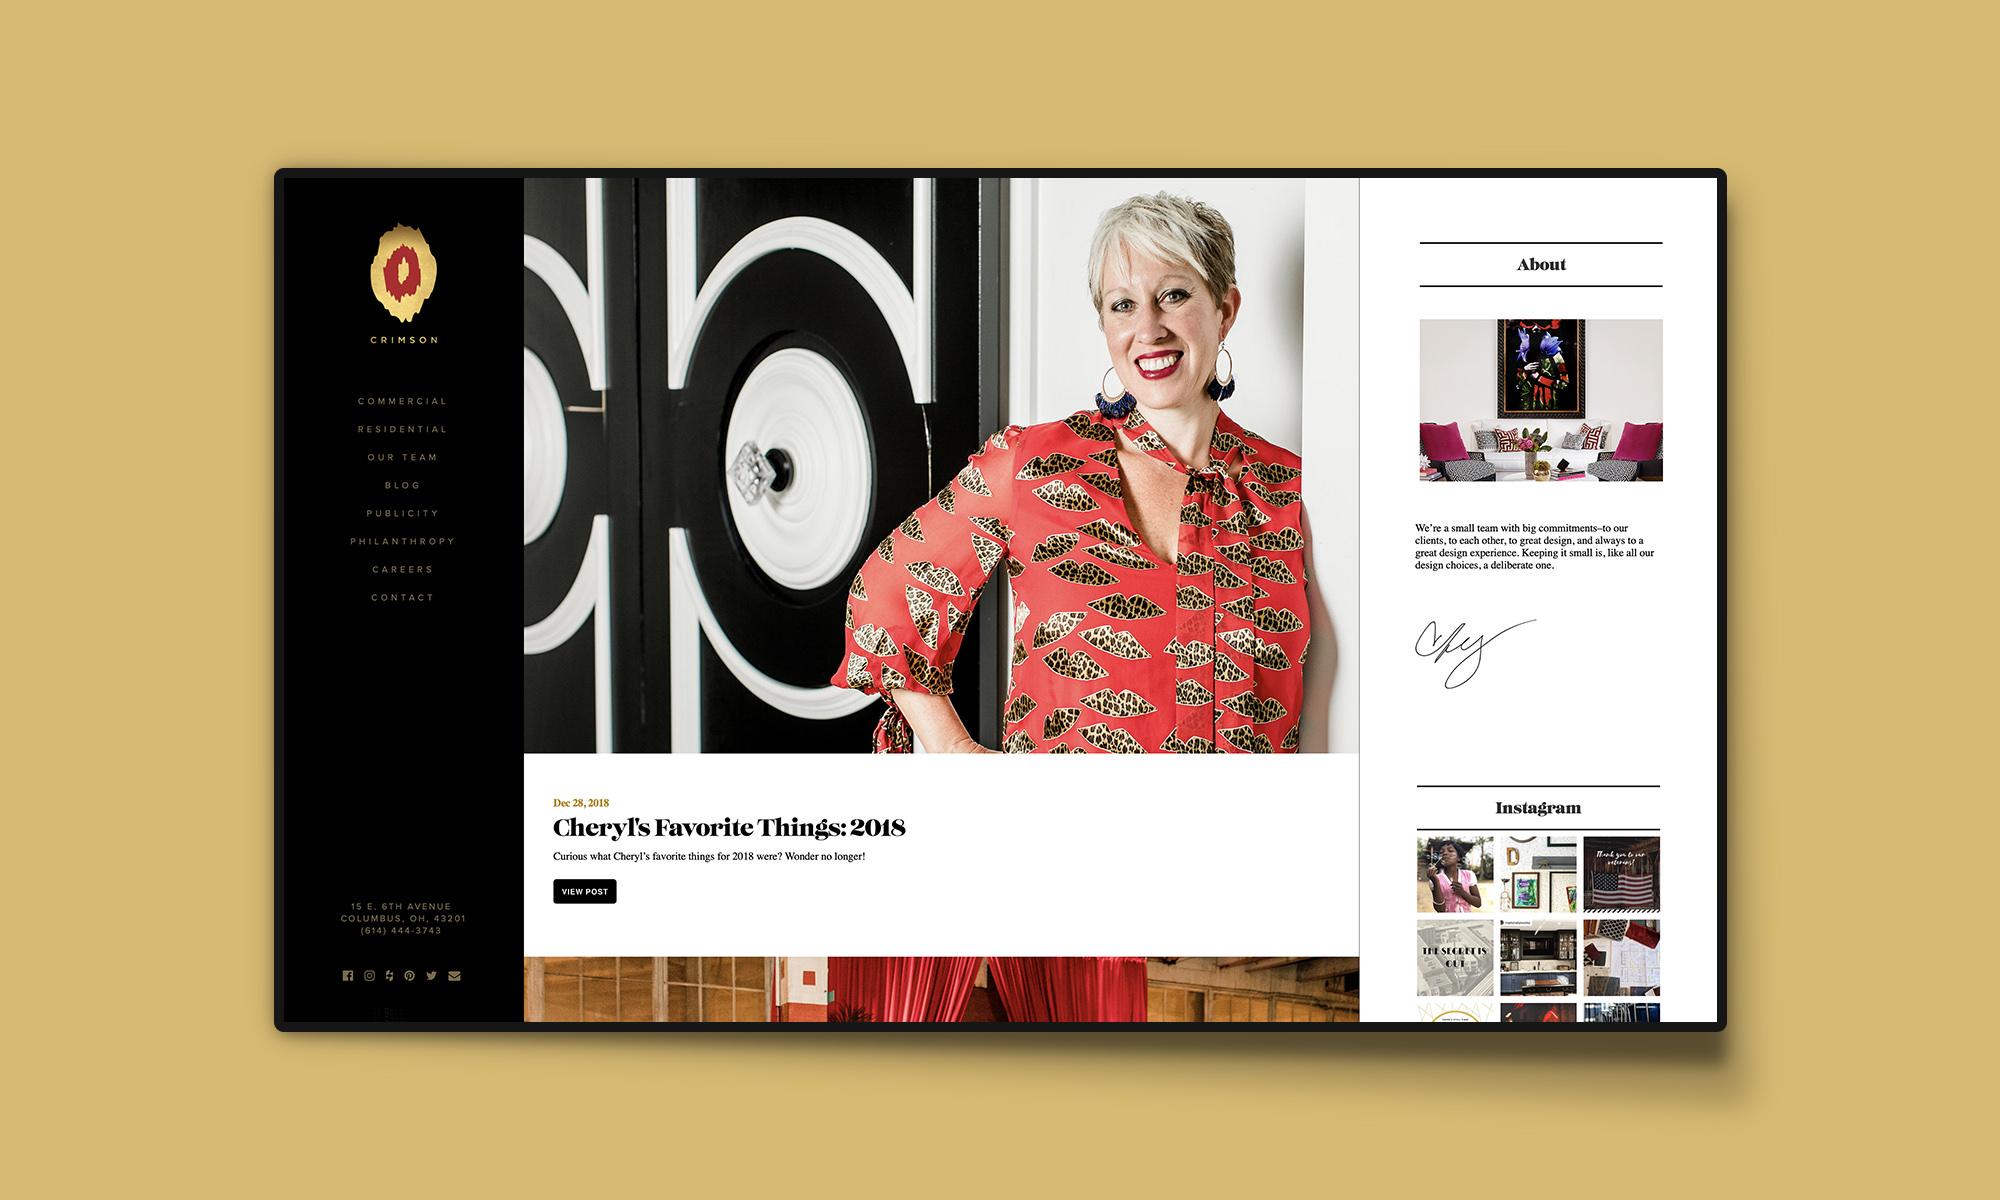 crimson-blog-desktop.jpg